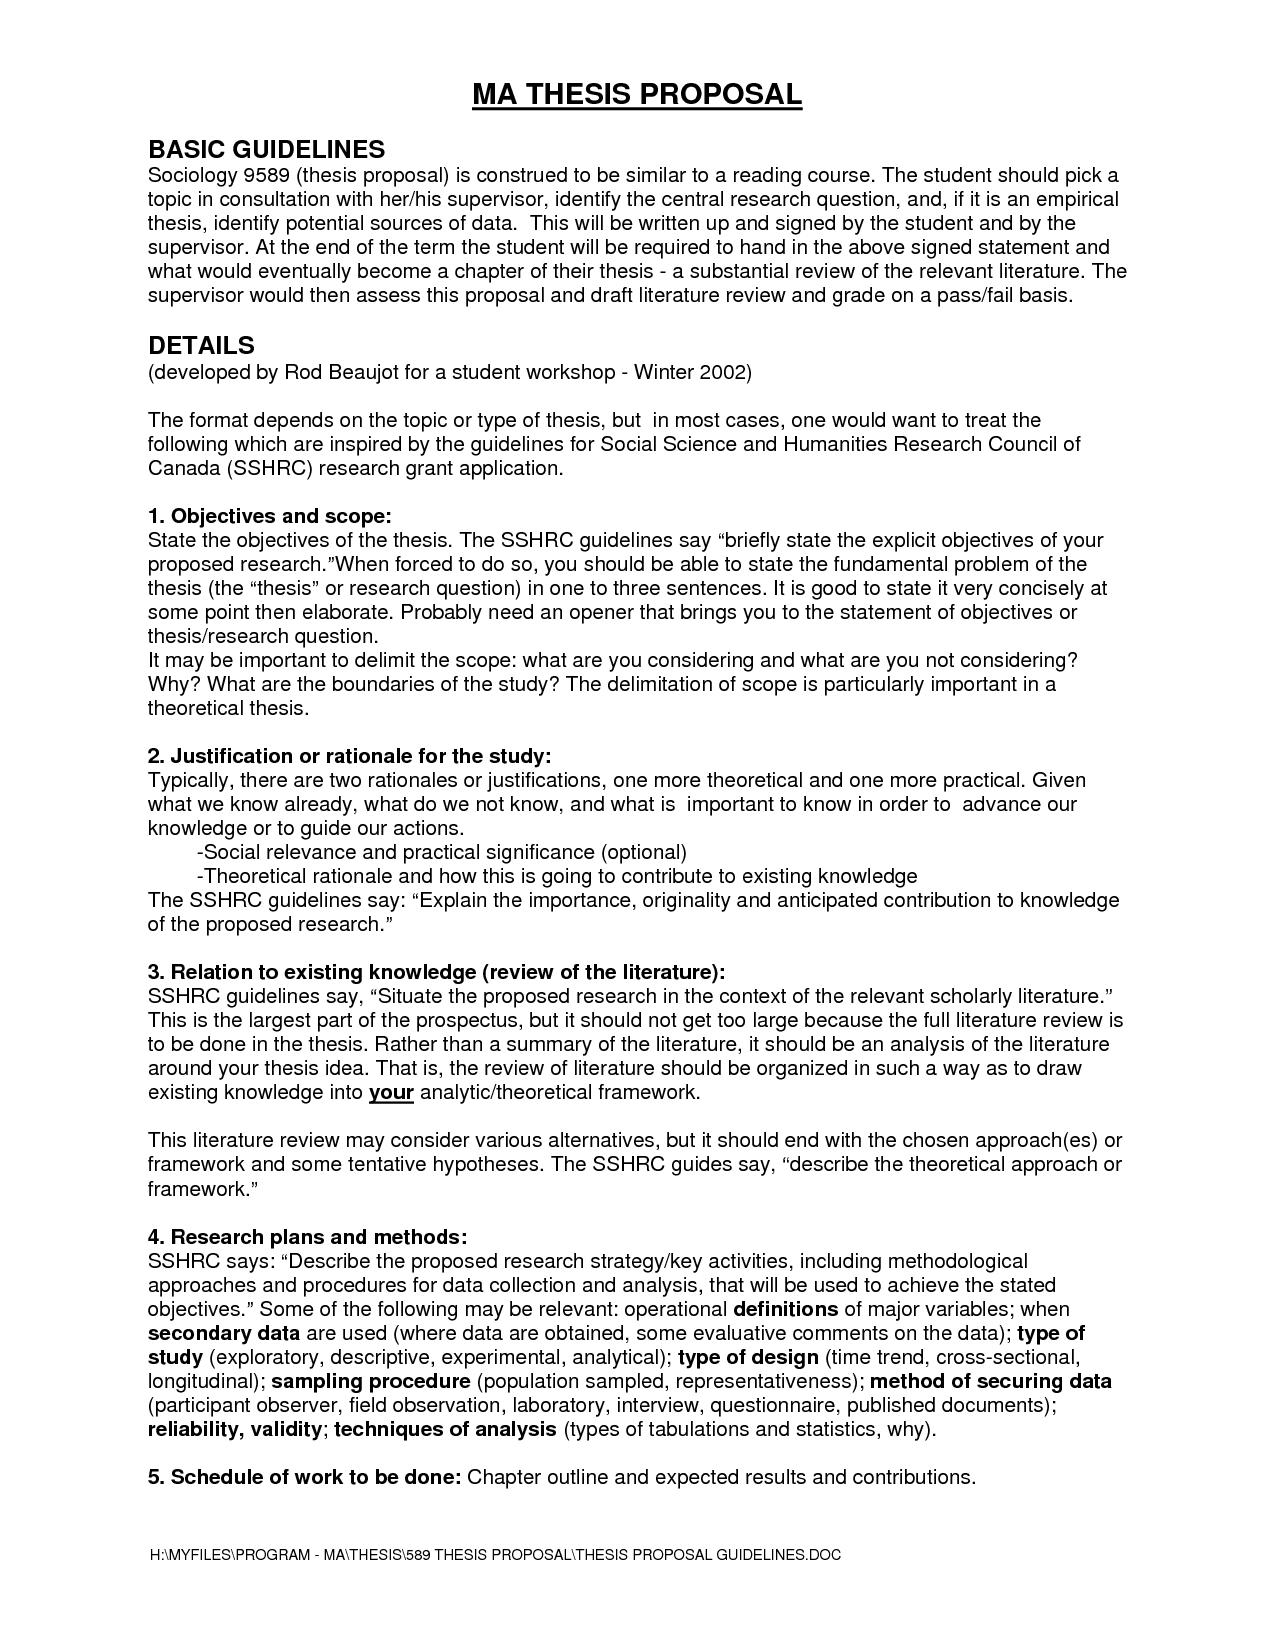 Write dissertation proposal gds genie.